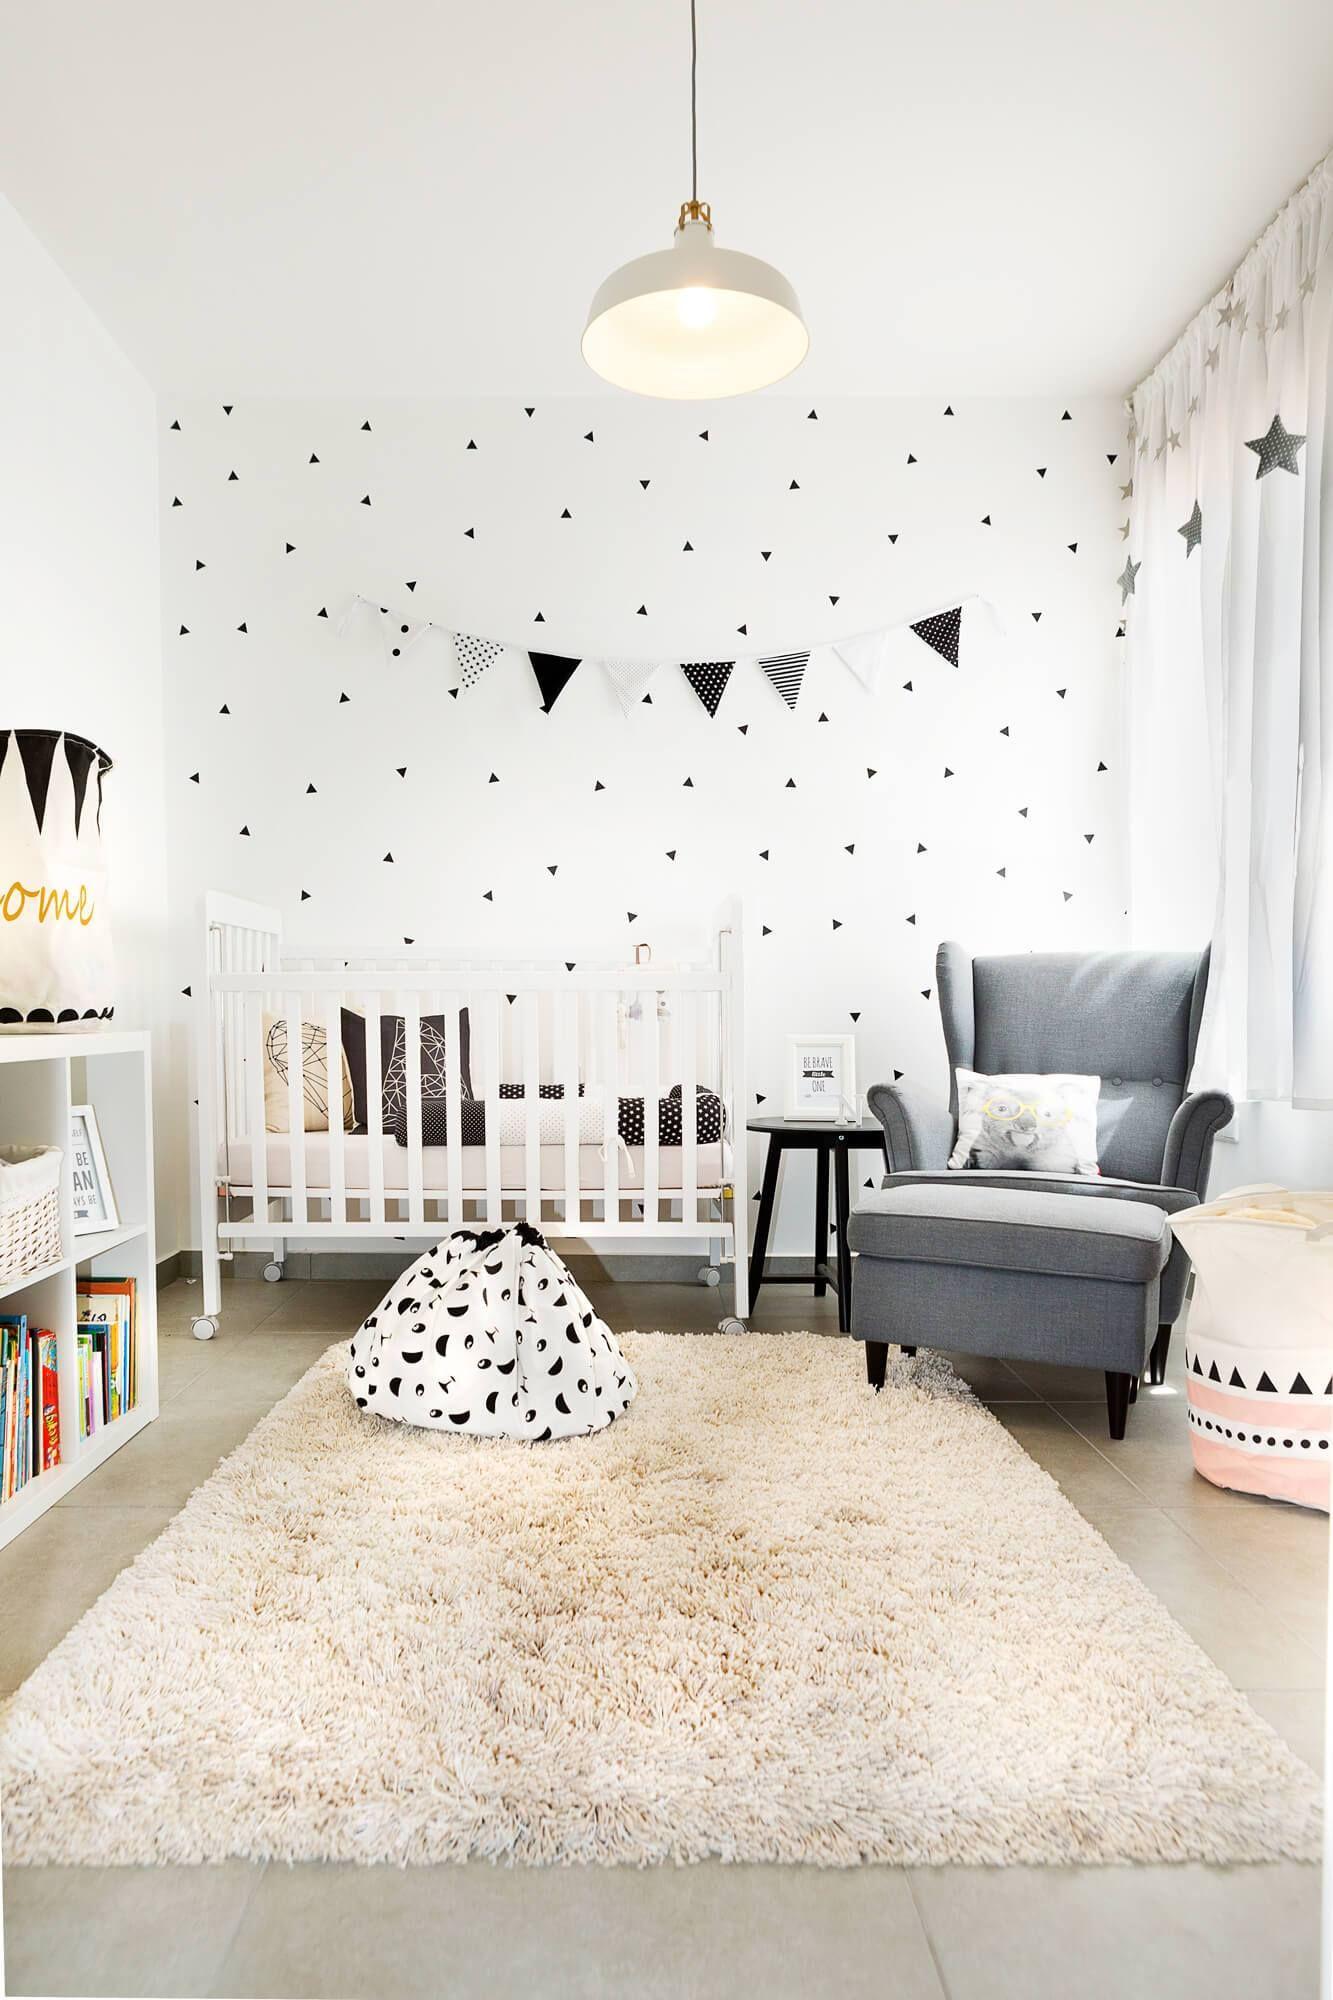 Apartamento Contempor Neo Em Israel Por Dana Shaked Tapete  ~ Poltrona Para Quarto Infantil E Decoração Simples Quarto